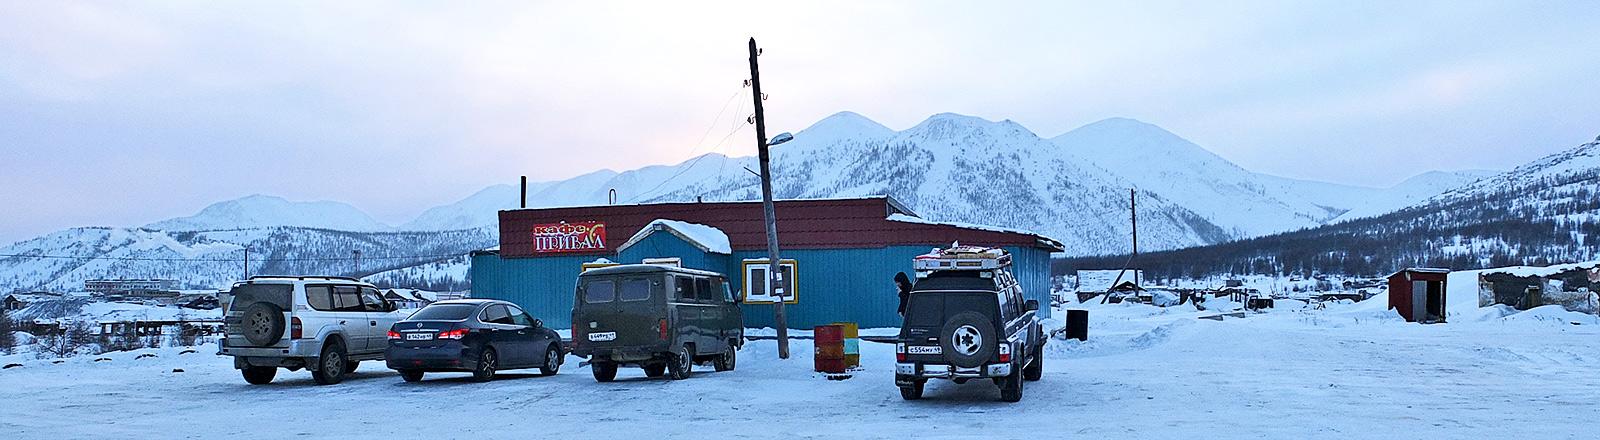 Einige Autos stehen vor einer Hütte in einer verlassenen Schneelandschaft.